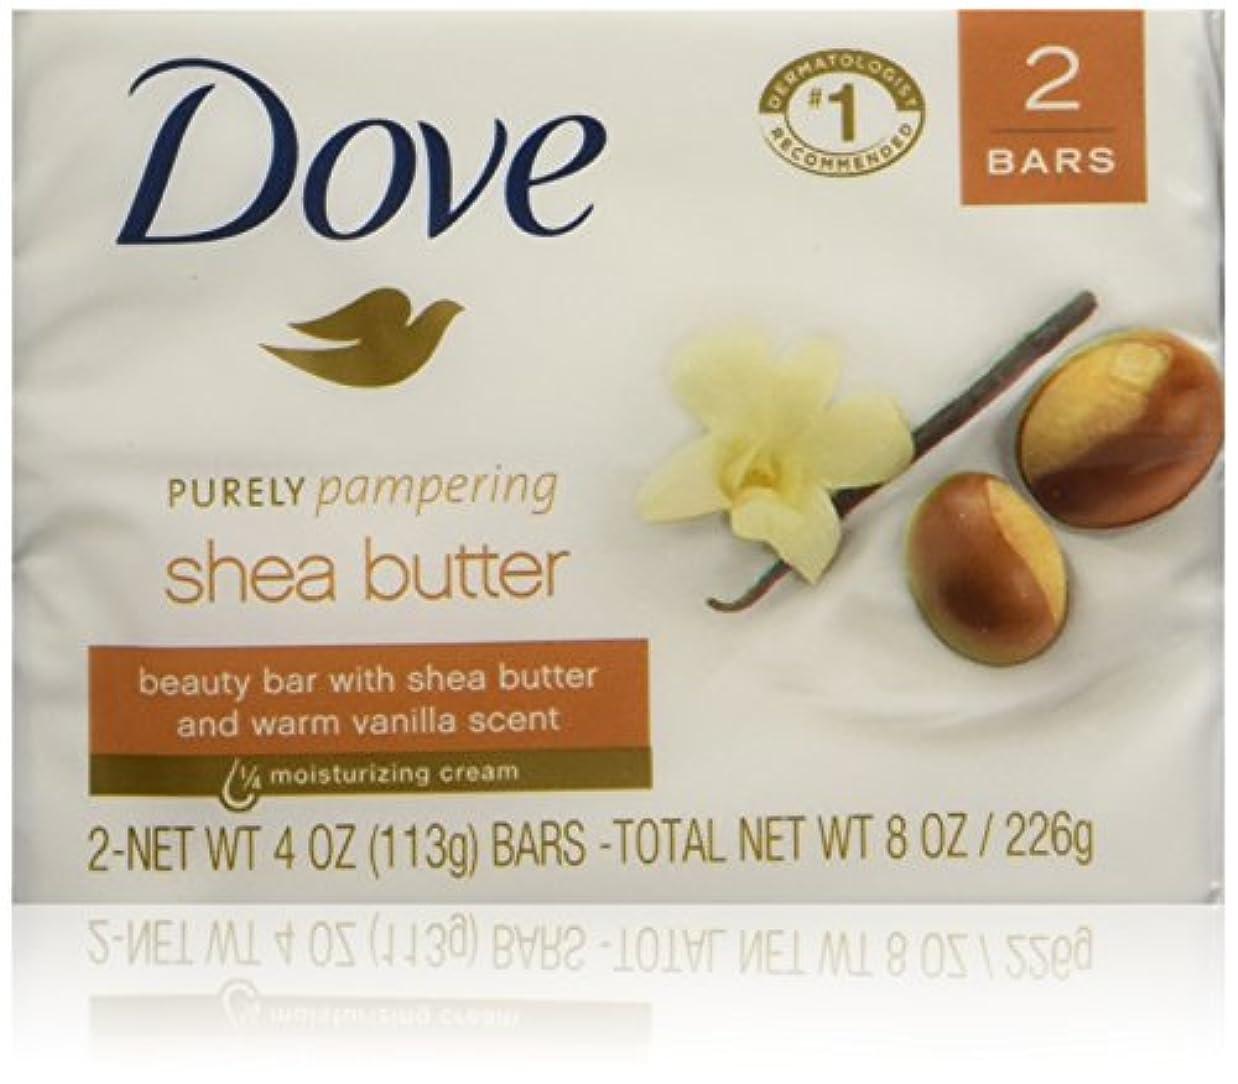 アヒル押すマニアックDove Nourishing Care Shea Butter Moisturizing Cream Beauty Bar 2-Count 120 g Soap by Dove